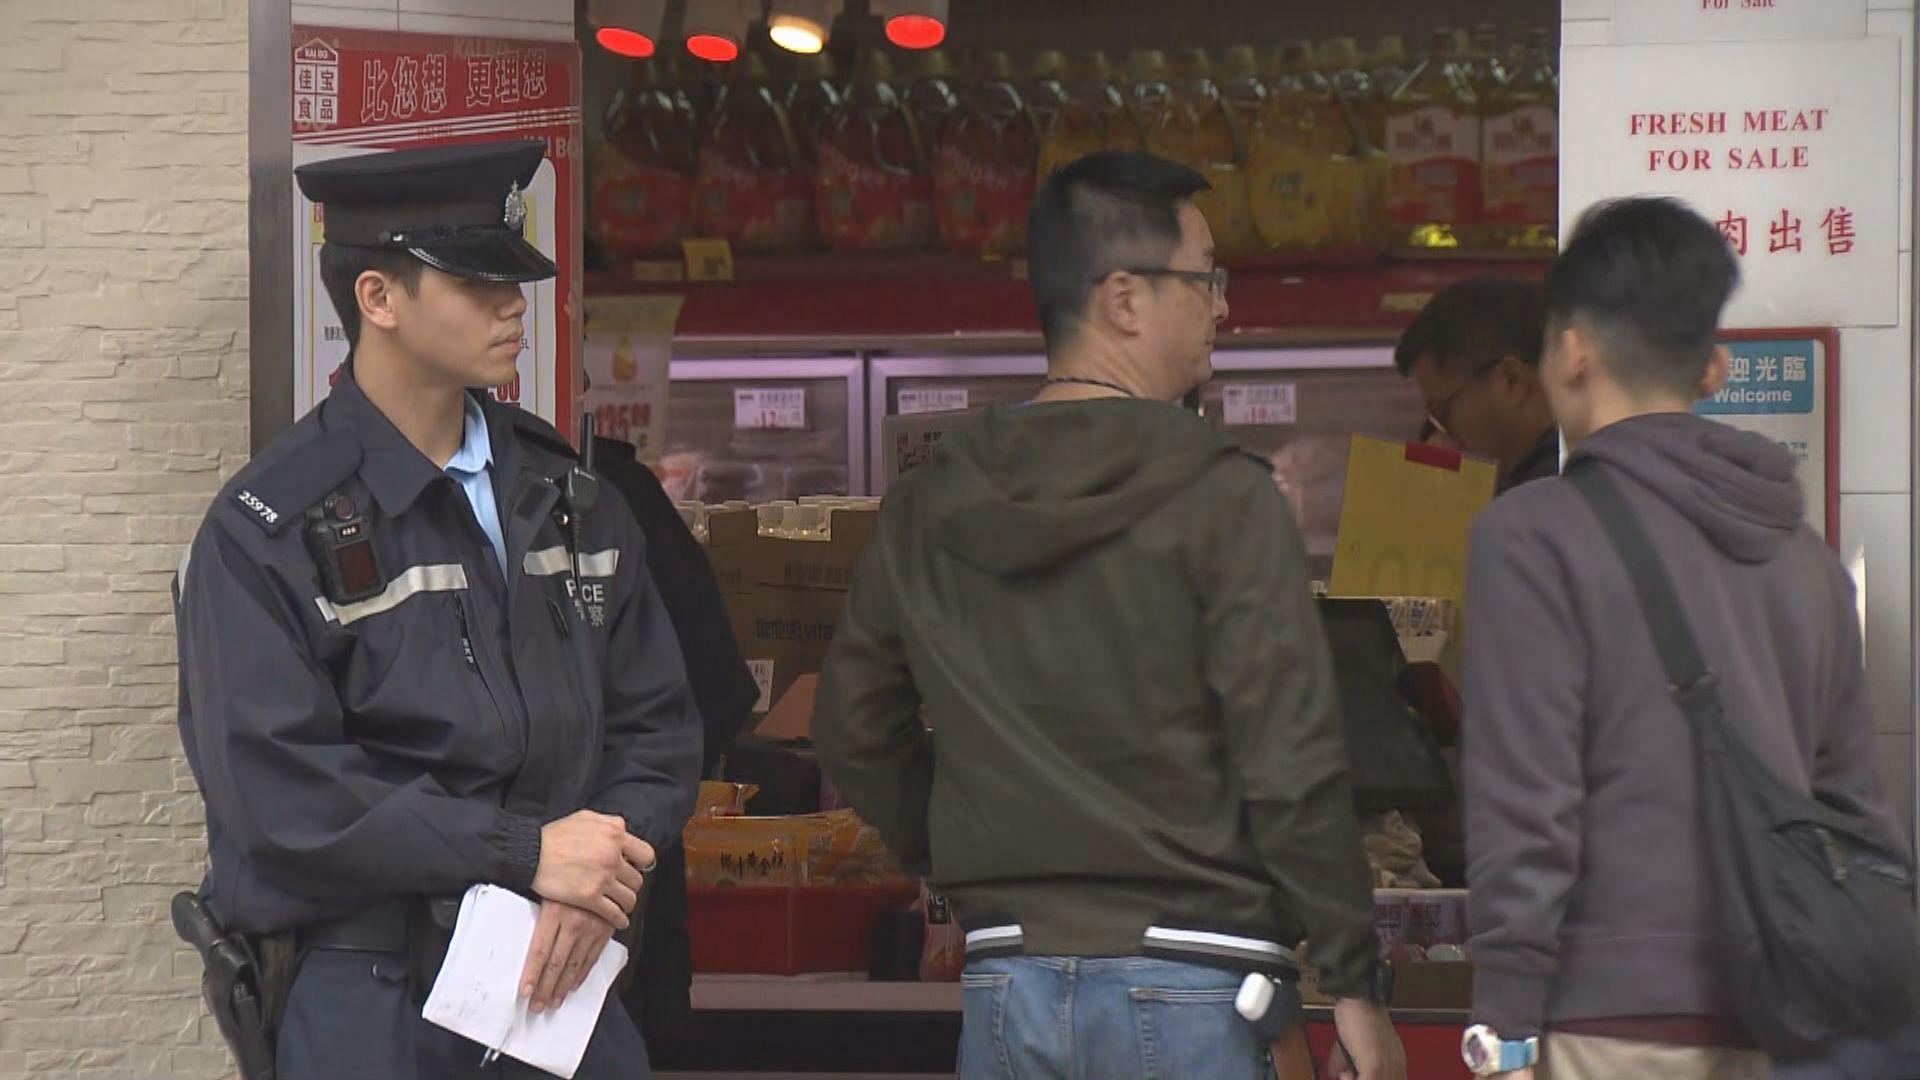 油麻地警員向持刀男開槍 男子中槍死亡